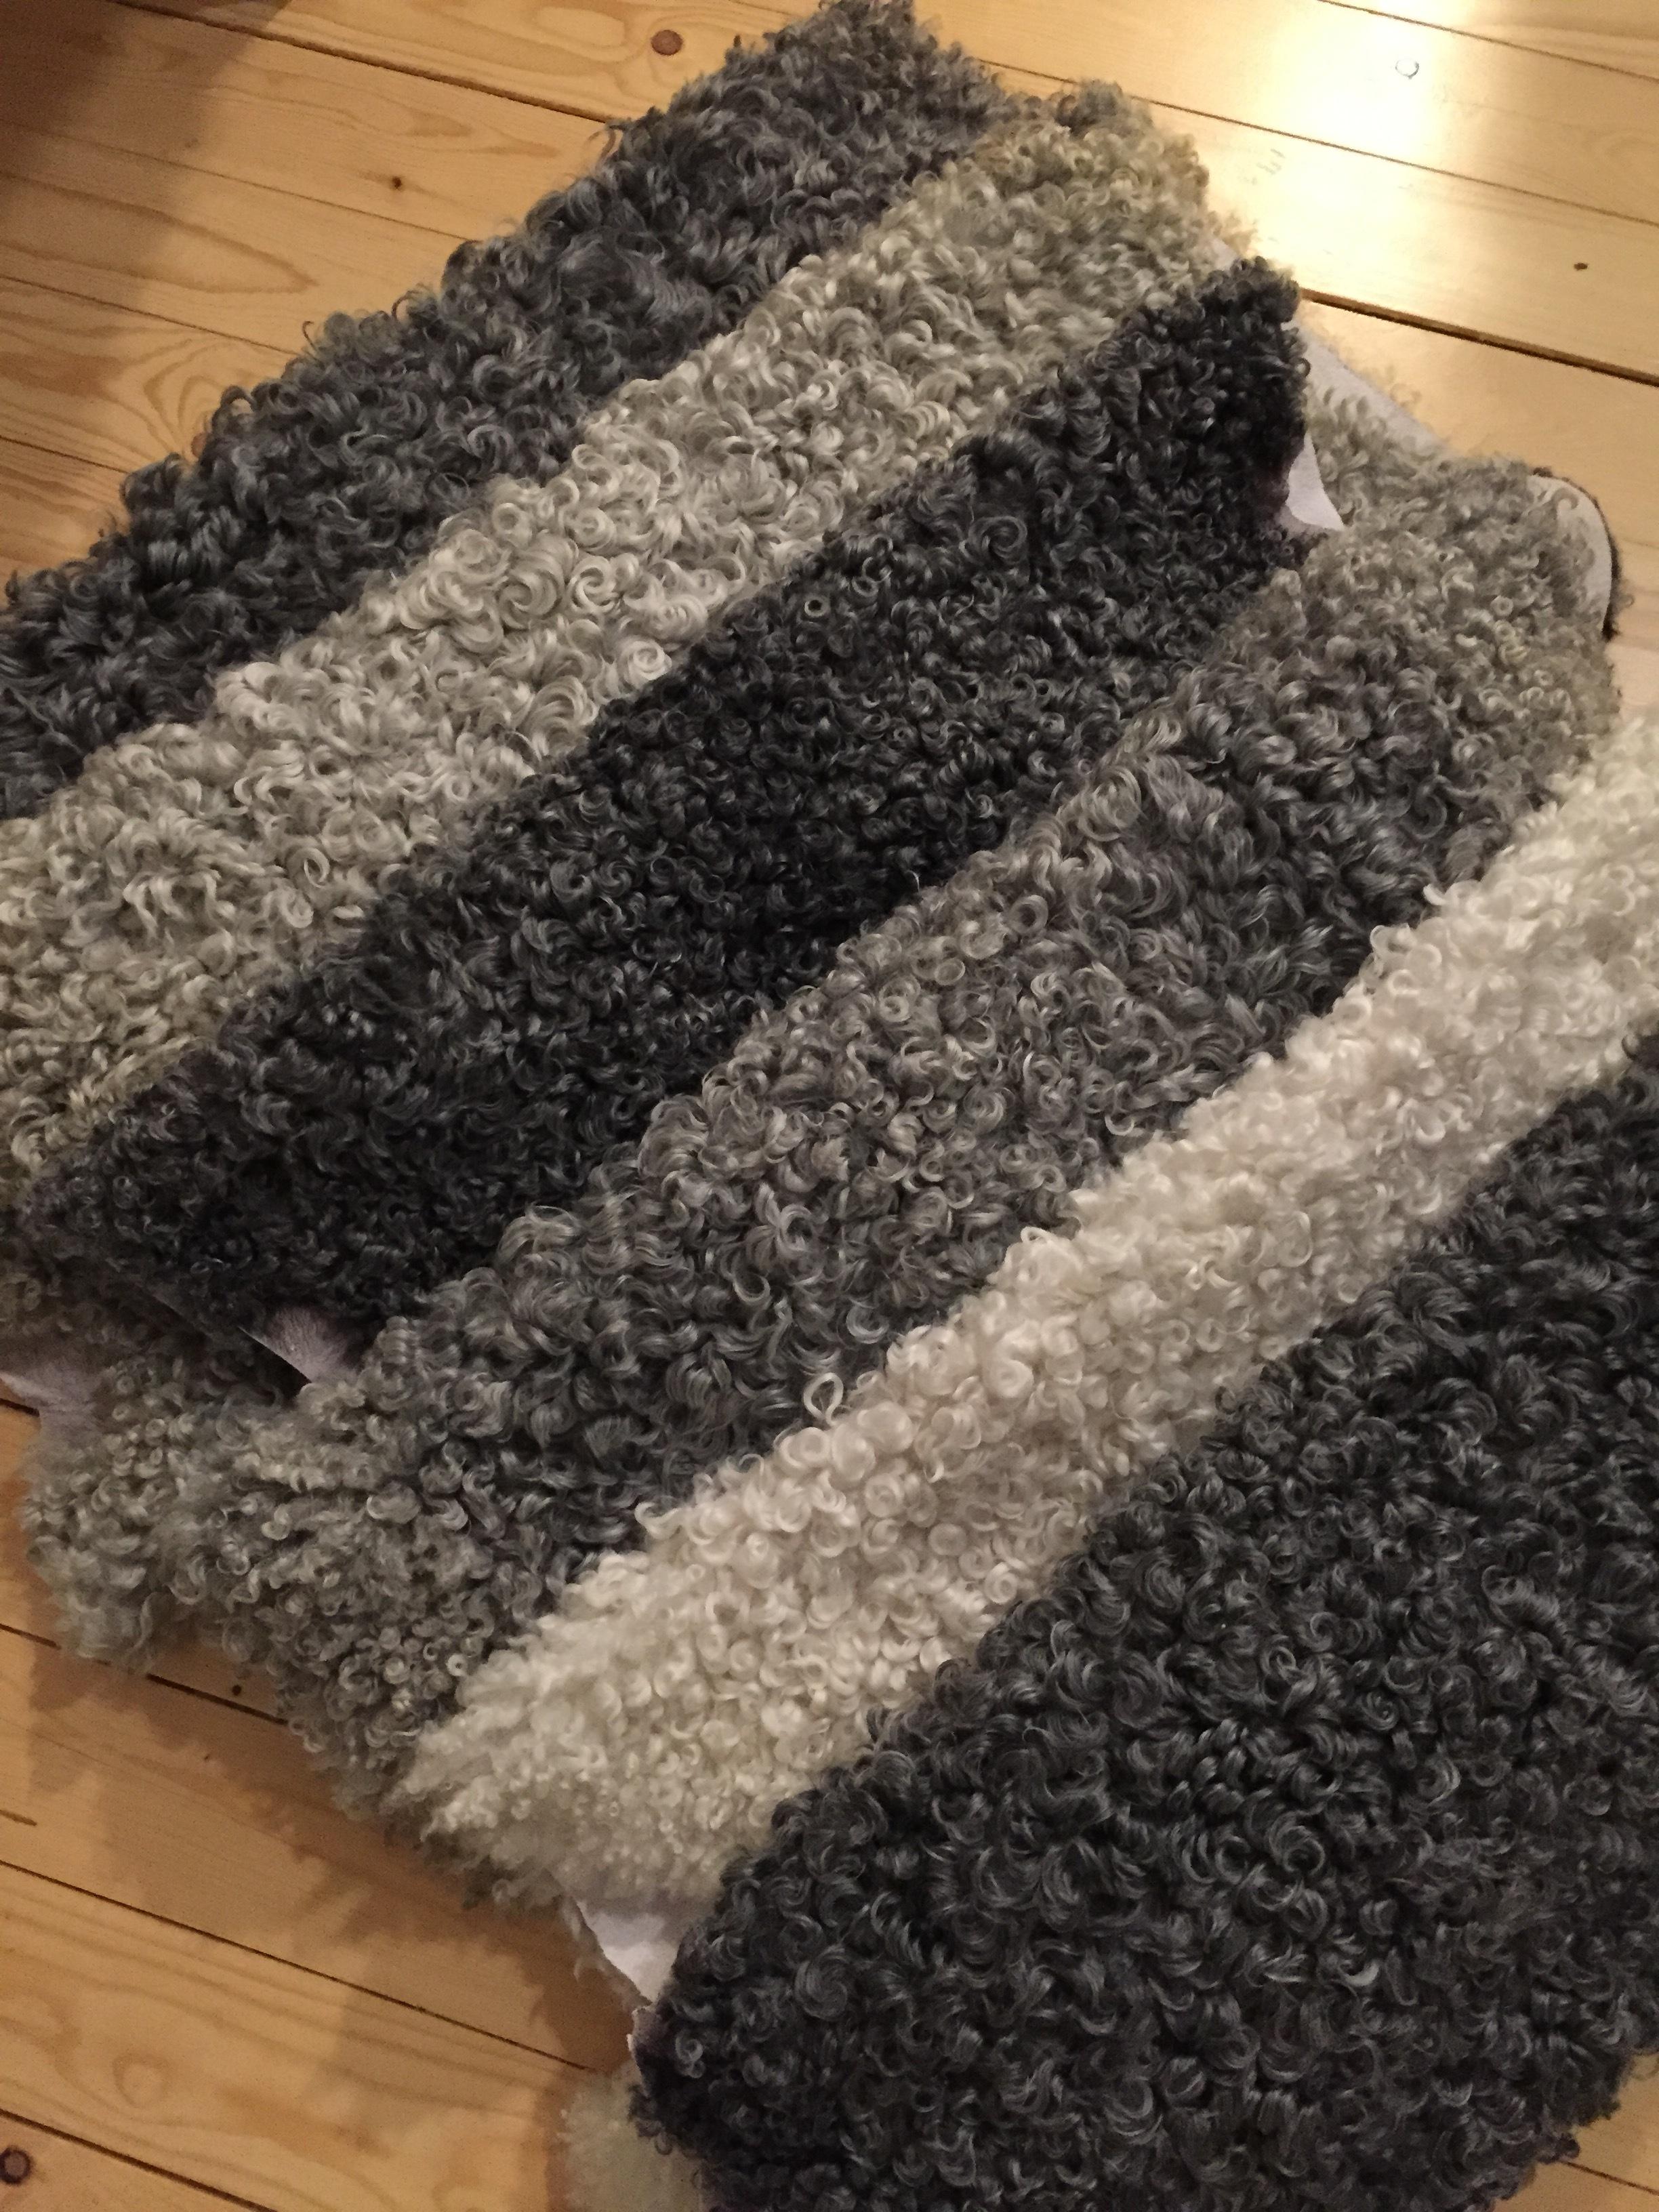 Päls och plädklippta pälsfårsskinn i olika nyanser av grått samt lockstorlek.  (Obs! (Det vita skinnet är dock en blandning mellanpäls/suffolk)